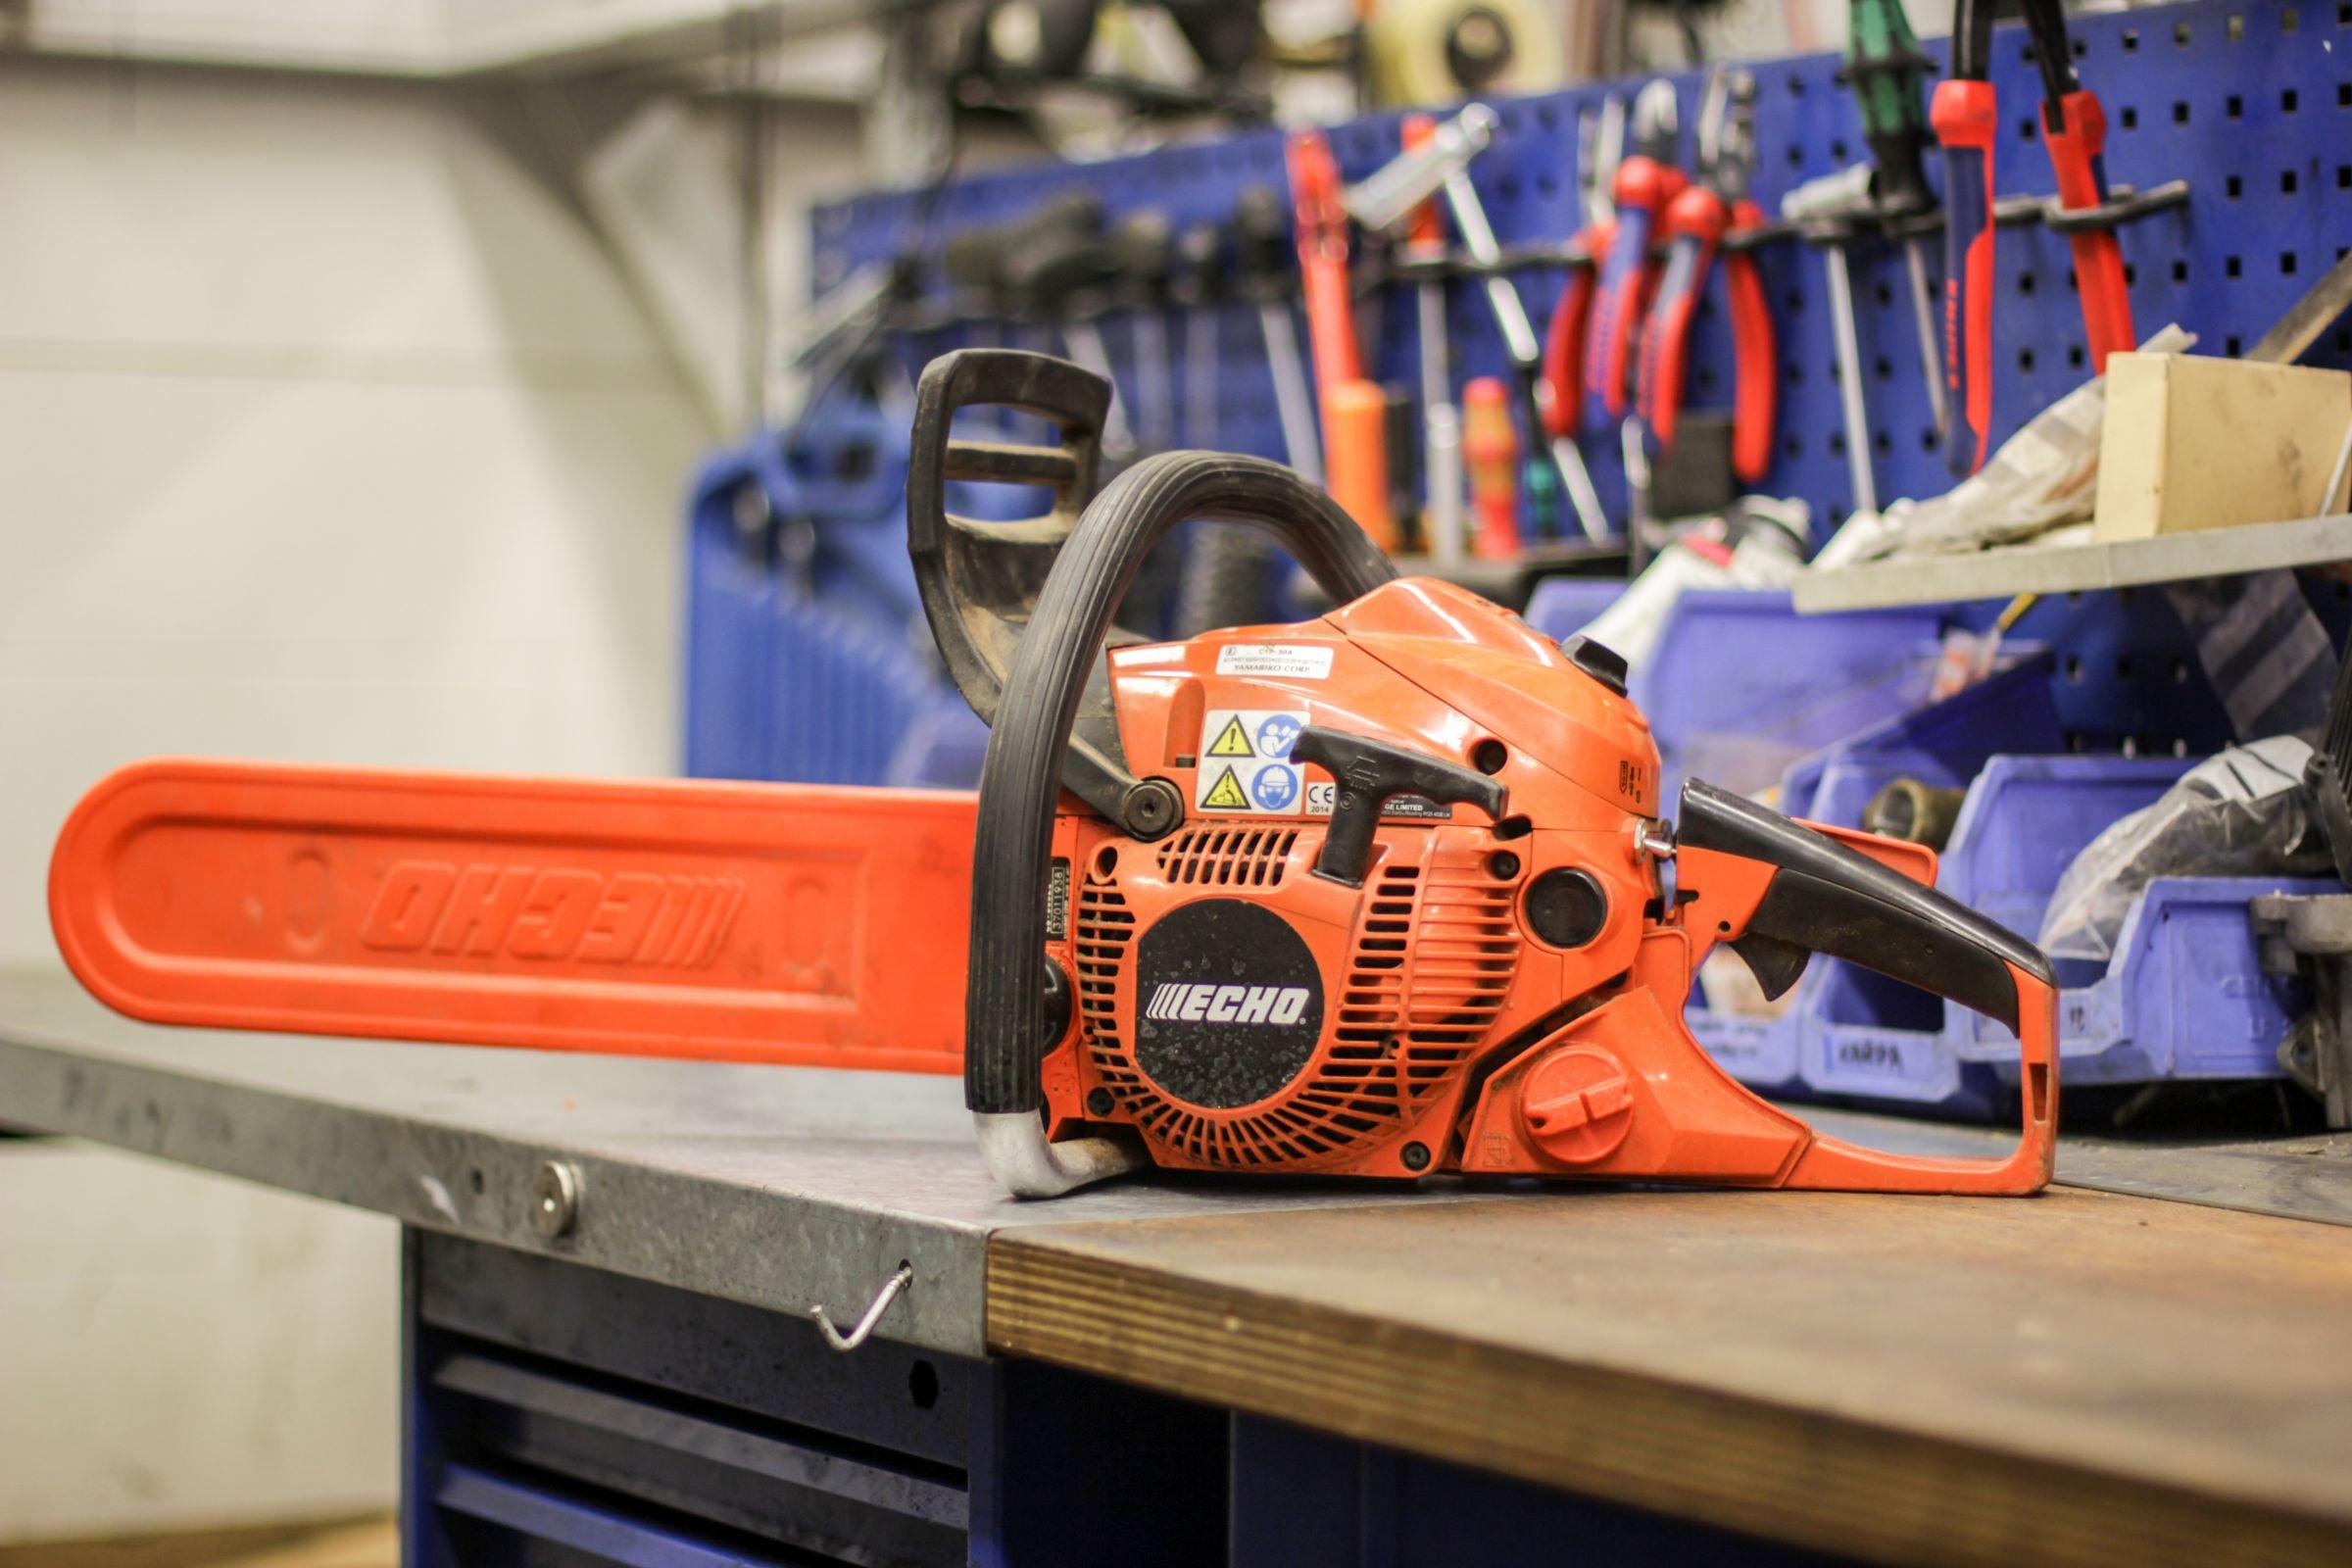 3ecf27ec6ce Echo tööriista ostnud saavad ostuga kaasa õiguse lasta masin kord aastas  hooldusmeestel tasuta üle vaadata, et viimase tööhoogu vähendavad viperused  juba ...